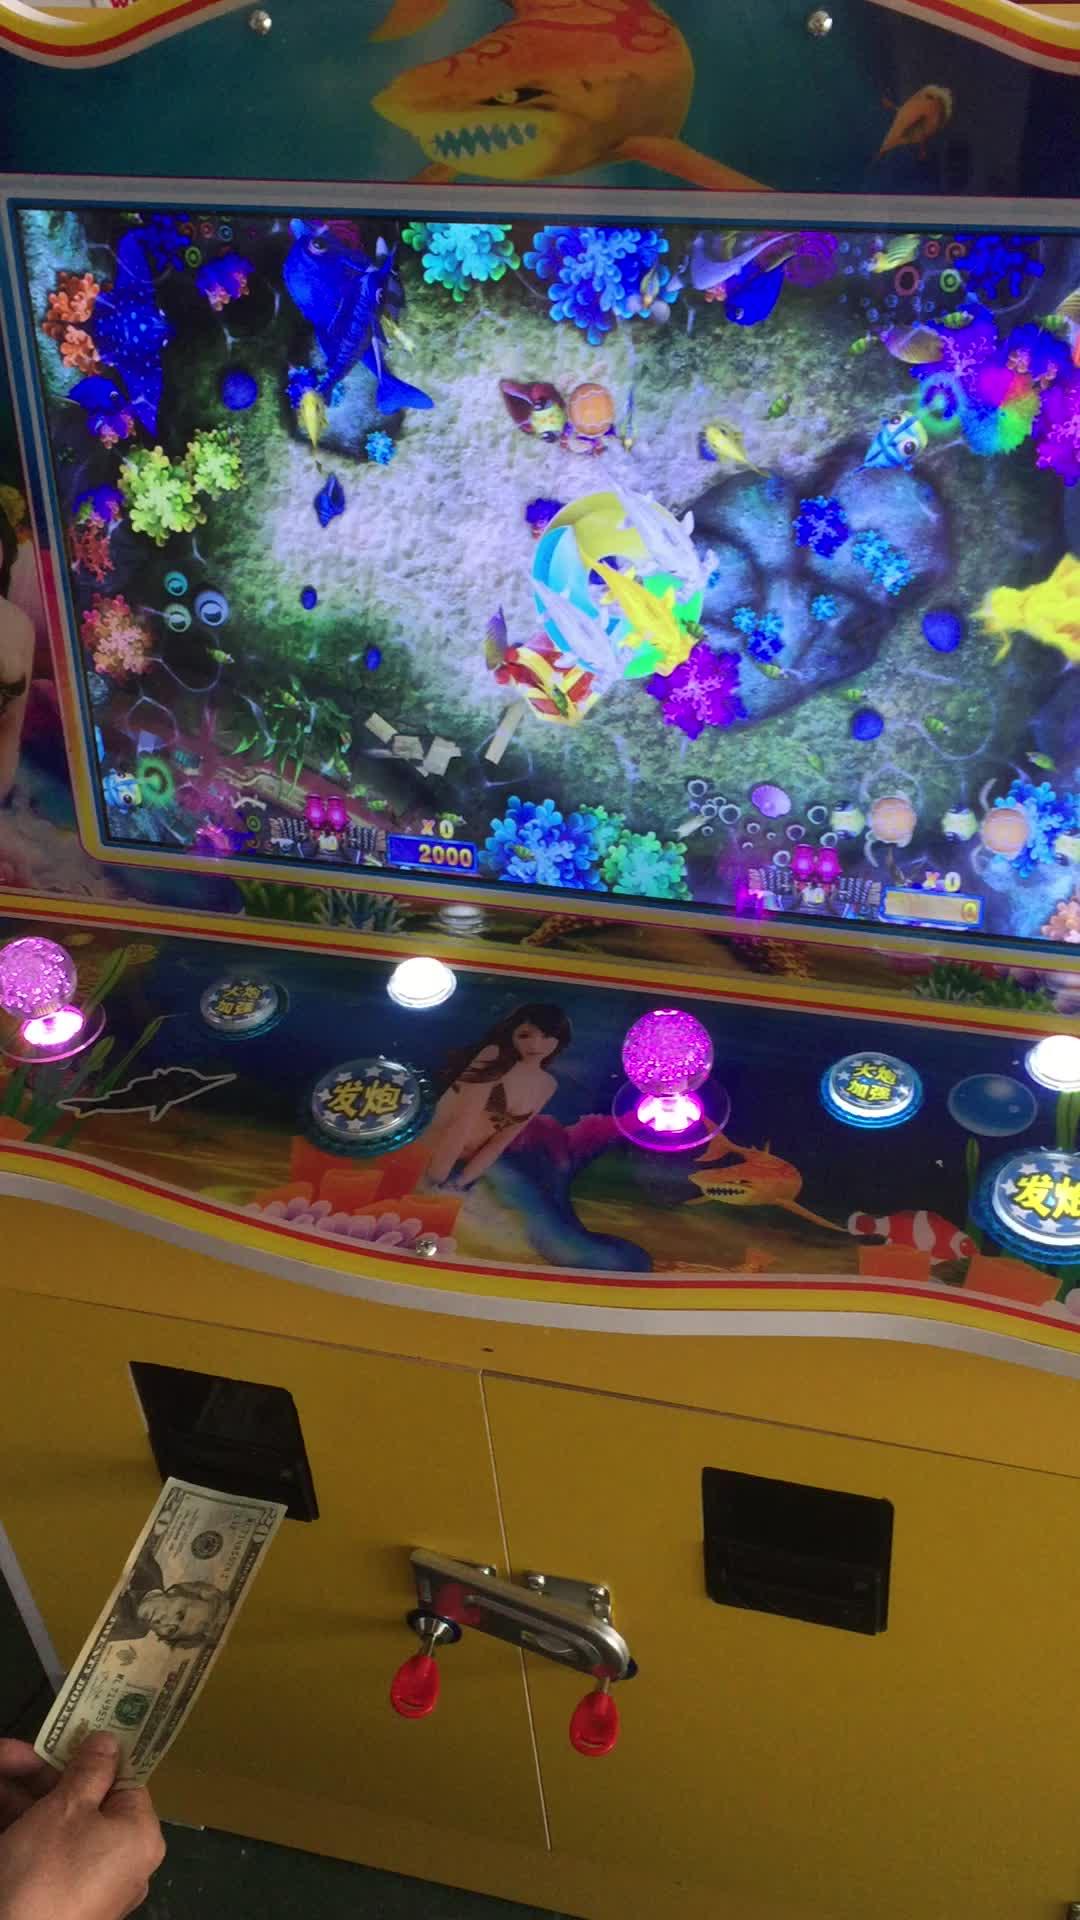 Mini Tip Kabine Okyanus Kral Arcade Hileleri 2 Oyuncu Gambing Balıkçılık Oyun Makinesi